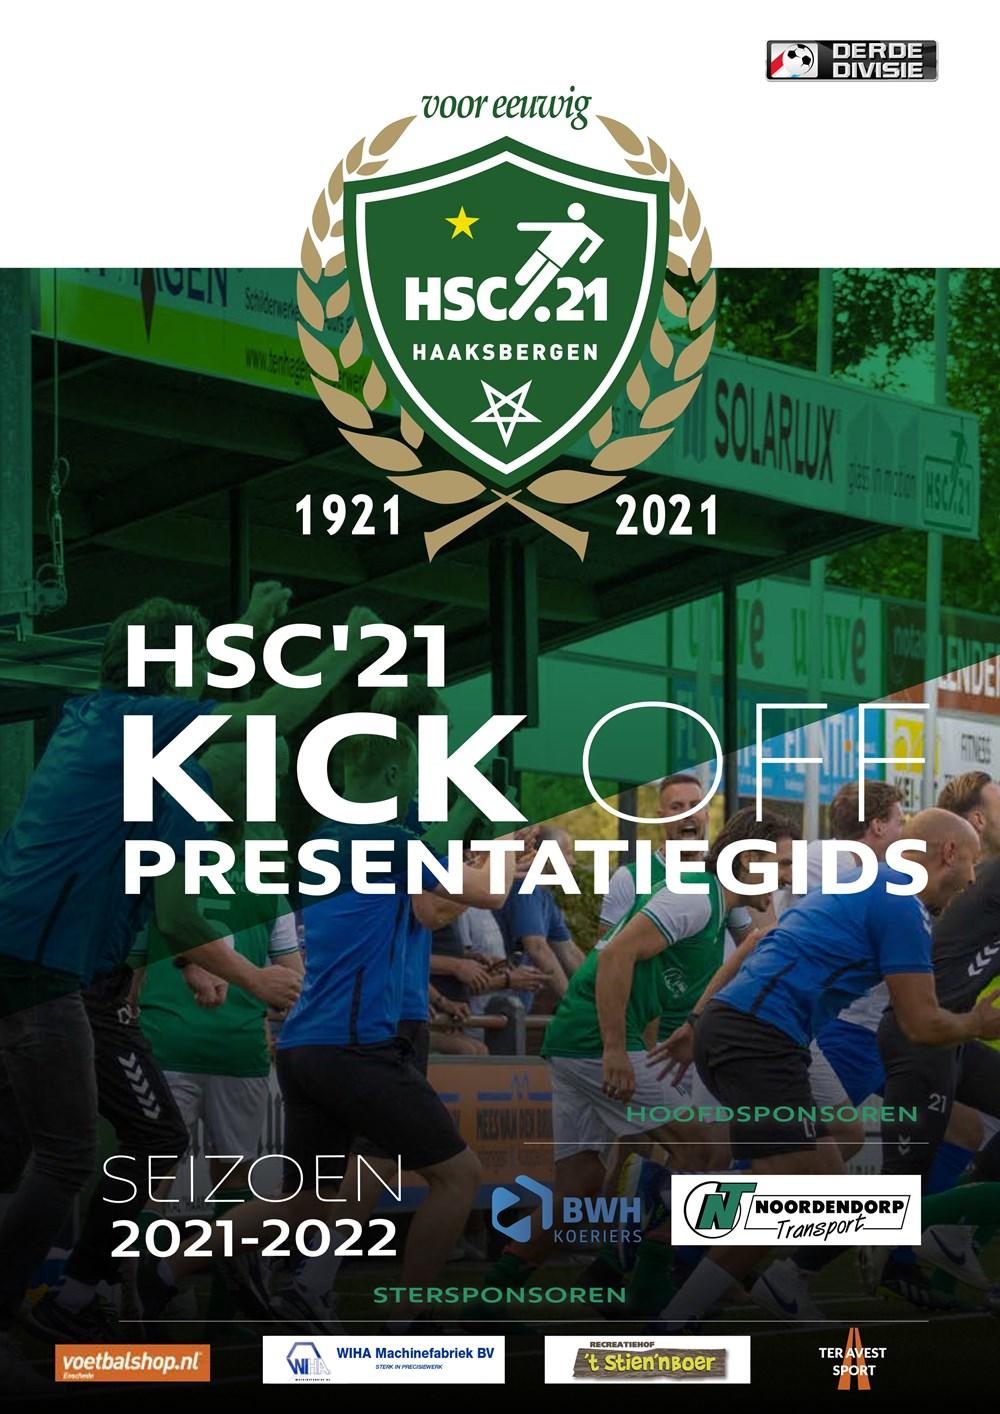 Voorkant_KICK-Off_Presentatie-gids_HSC_21_seizoen_2021-2022_digitaal.jpg